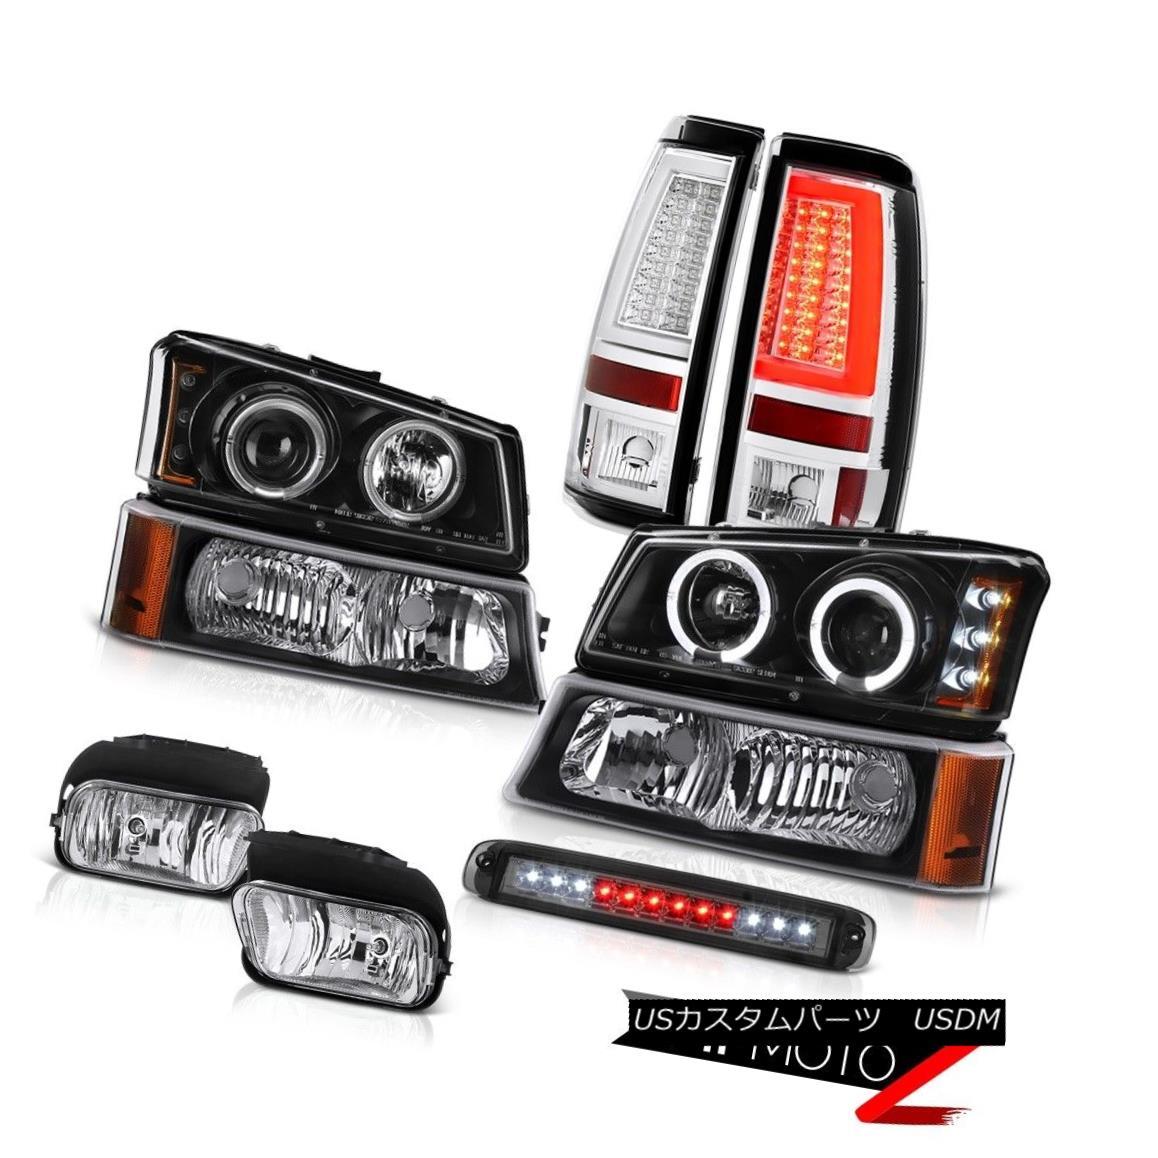 ヘッドライト 2003-2006 Silverado 2500Hd Tail Lamps 3RD Brake Light Fog Signal Lamp Headlights 2003-2006シルバラード2500Hdテールランプ3RDブレーキライトフォグ信号ランプヘッドライト